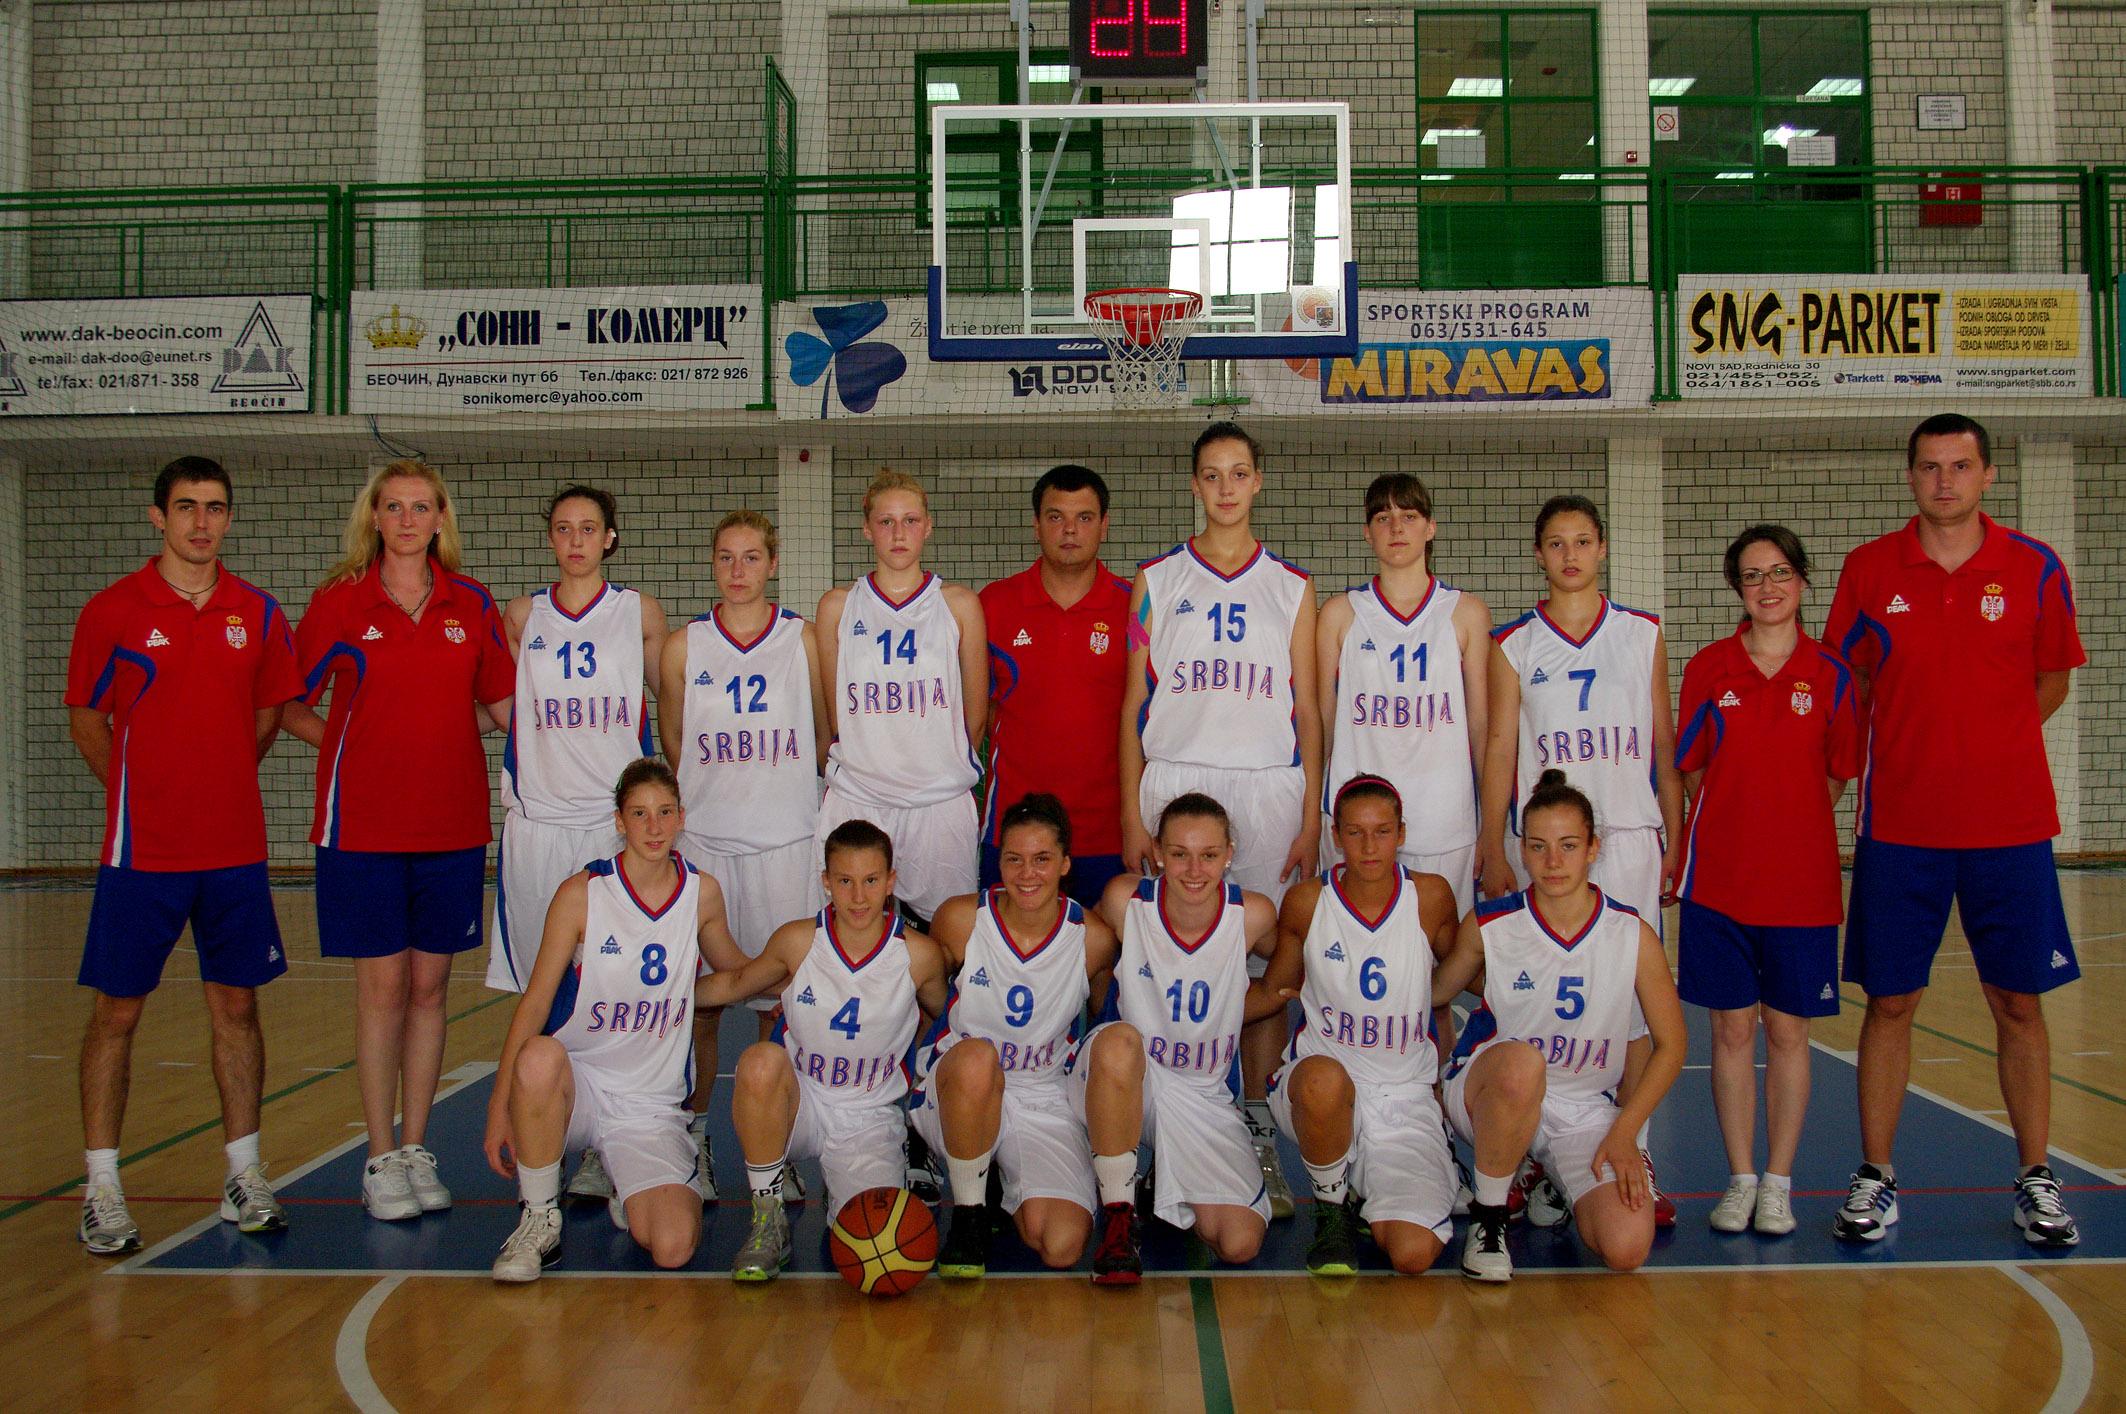 Košarkaška U16 reprezentacija Srbije, 2011.